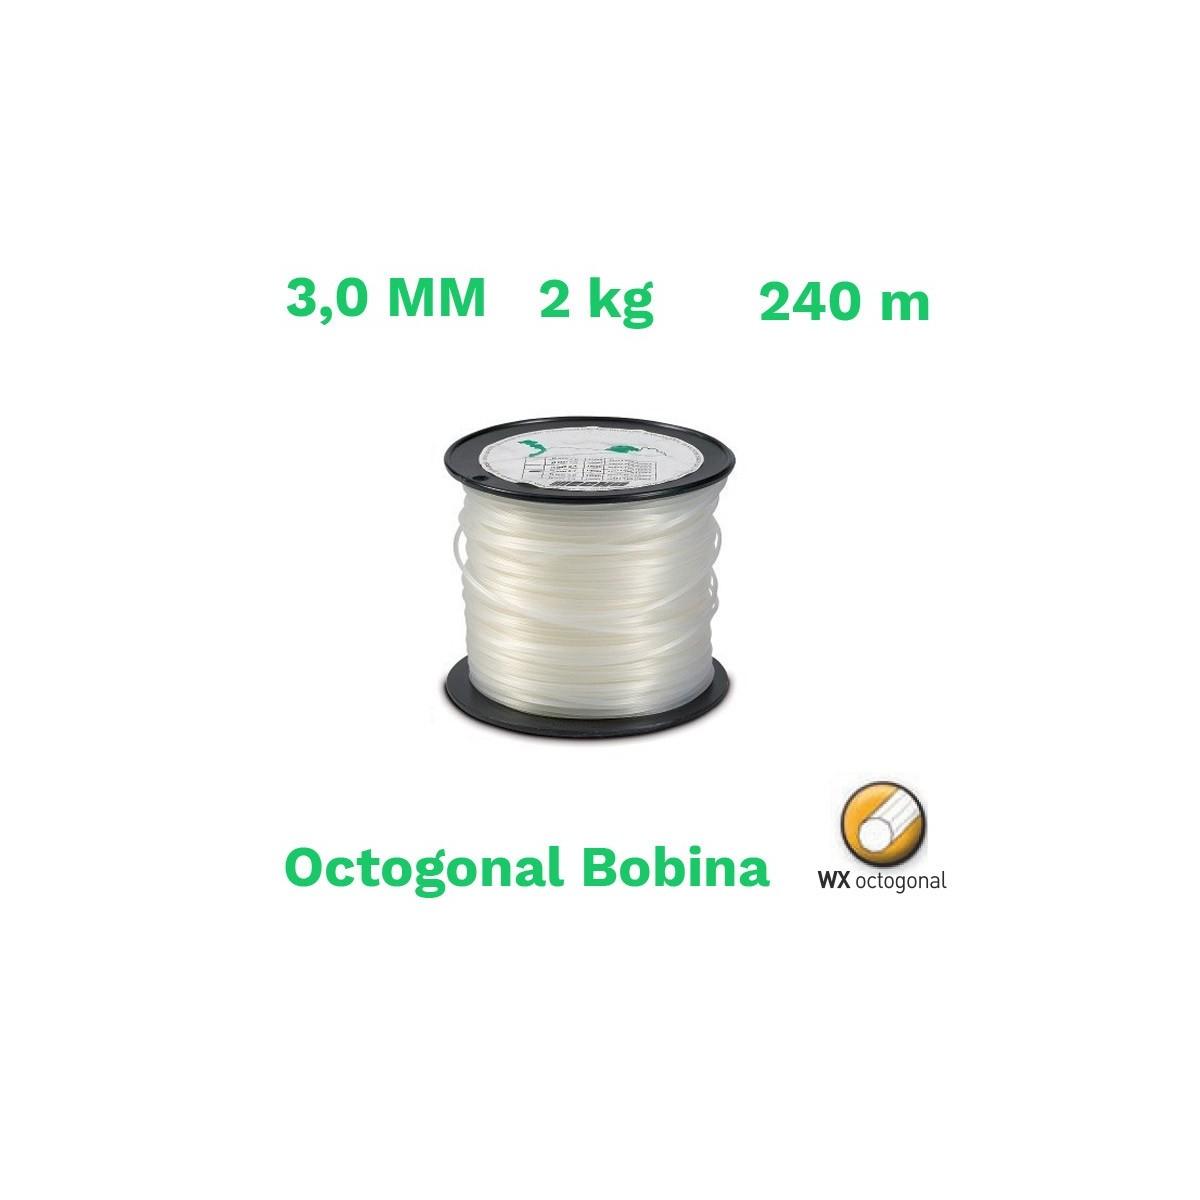 Echo hilo nylon octogonal bobina 3